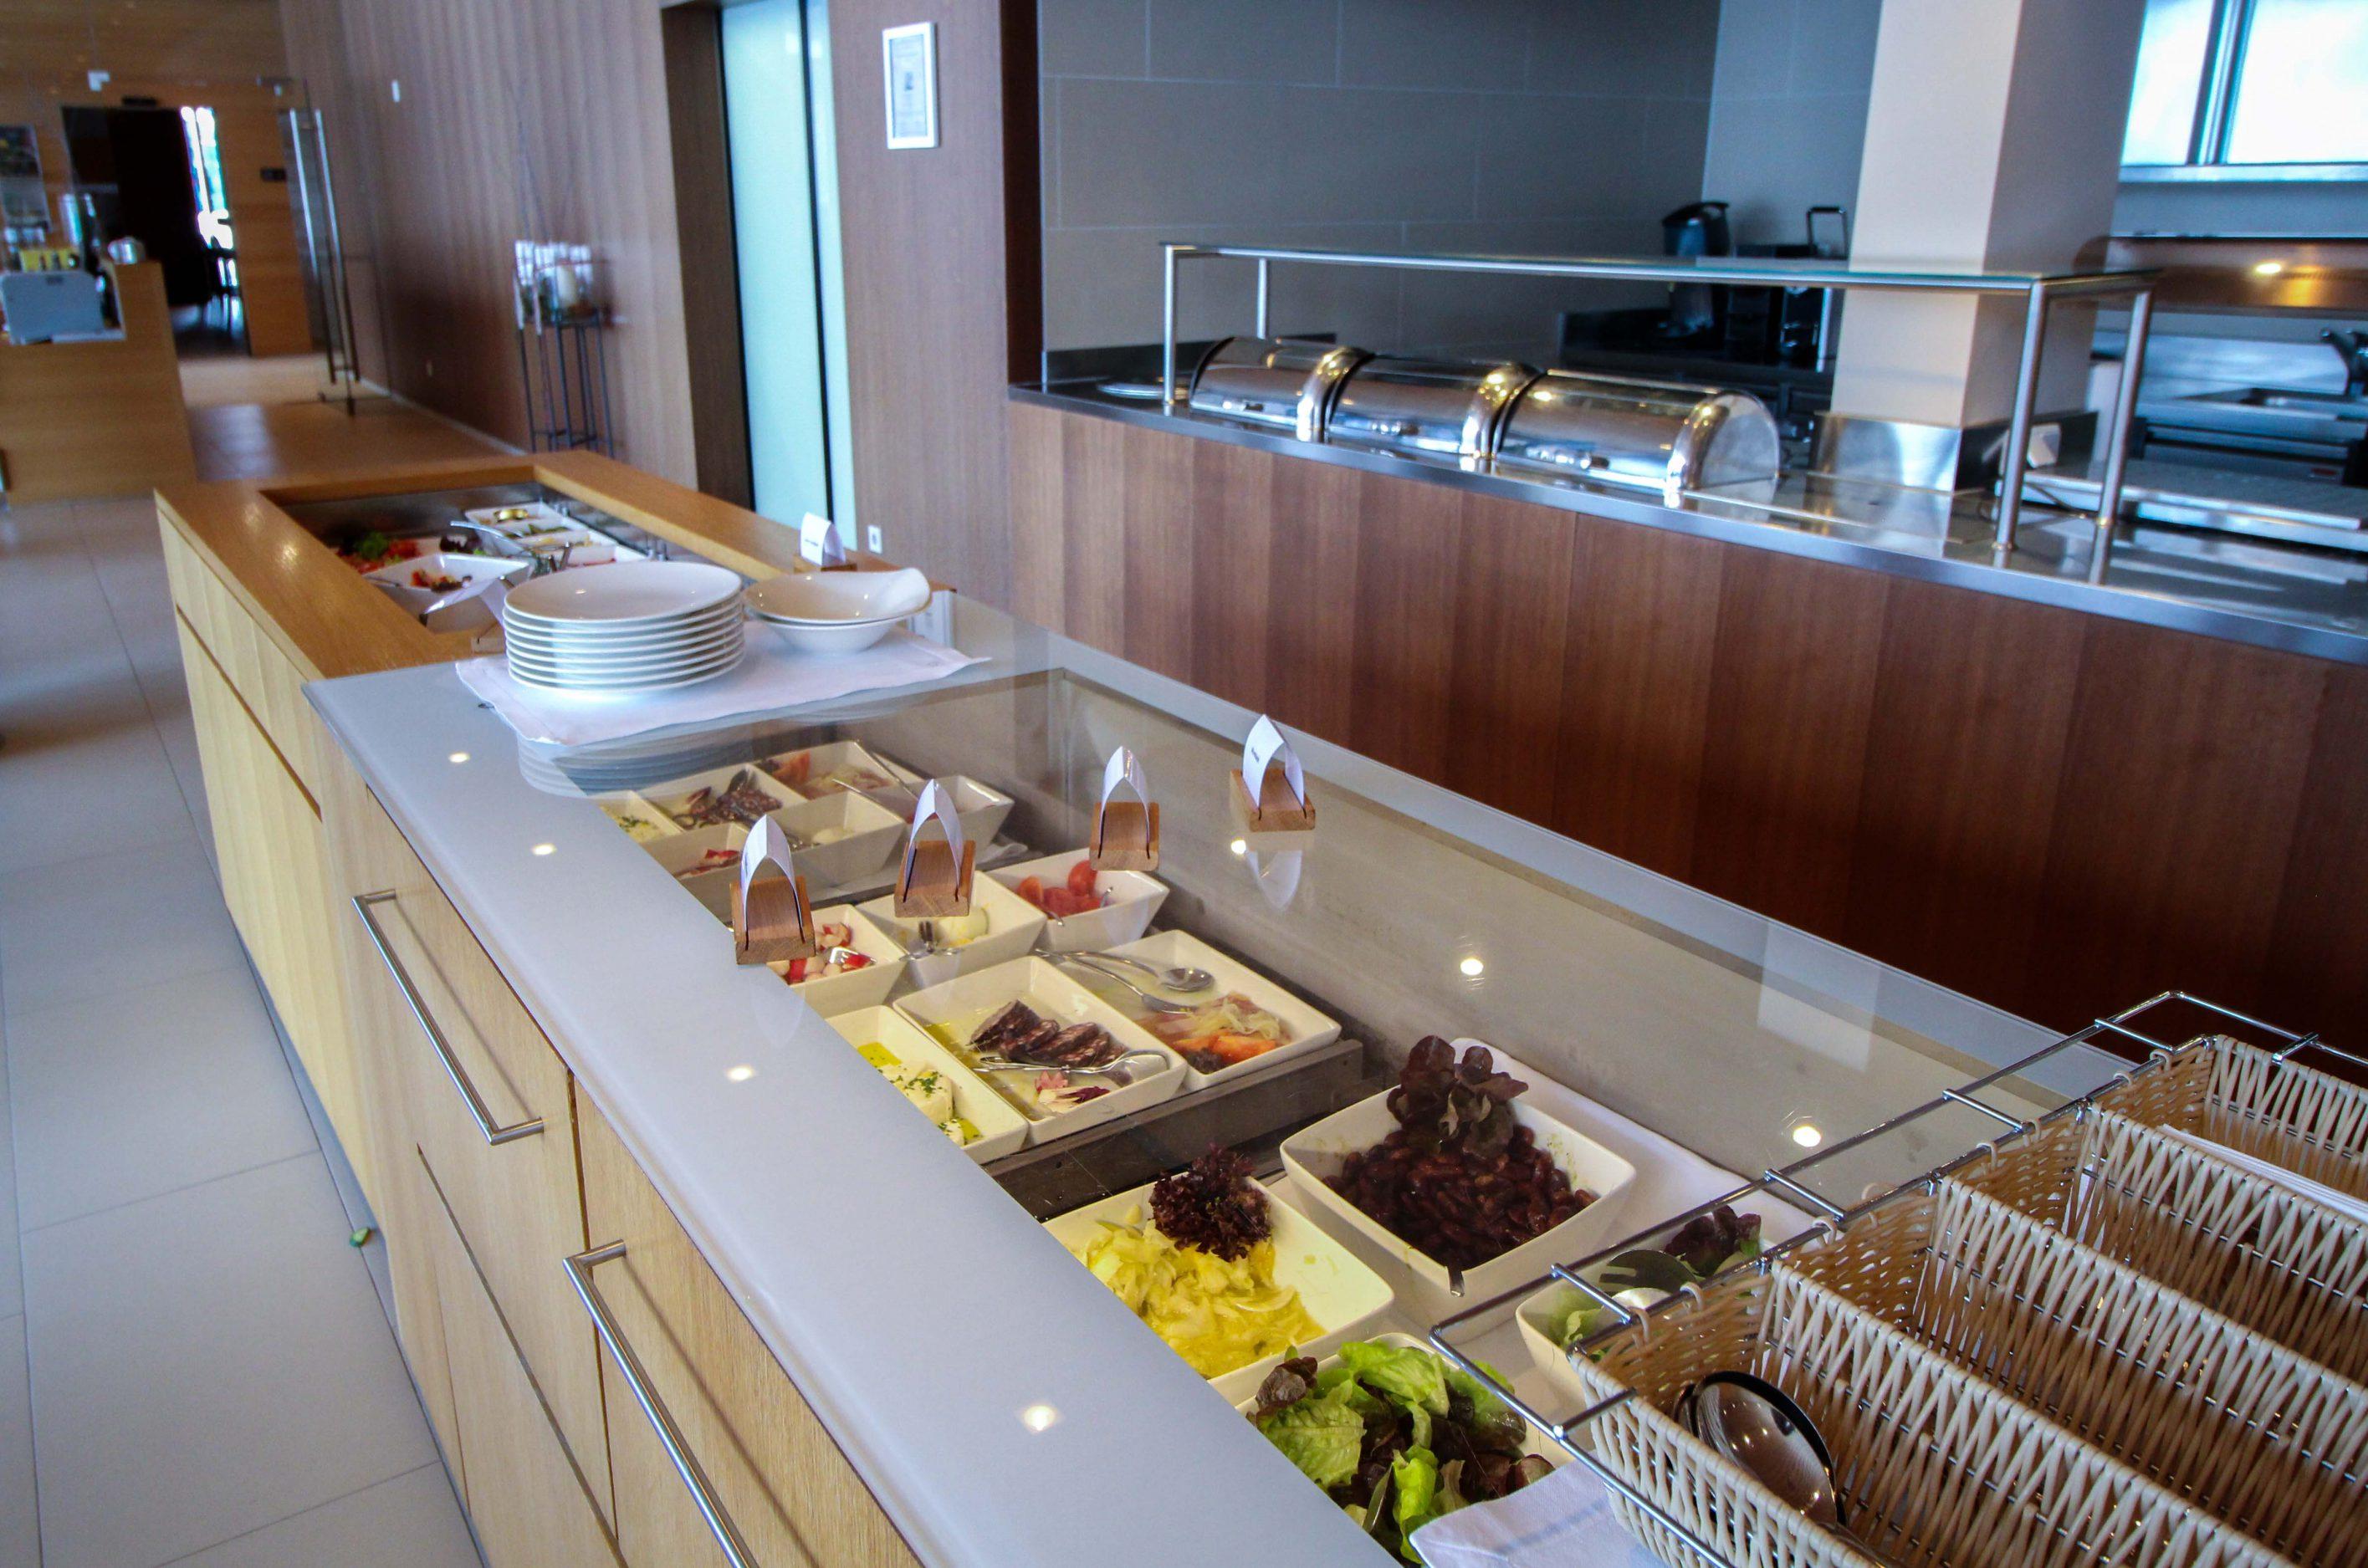 Wellnesswochenende Österreich Sonne Lifestyle Resort Mellau Wellnesshotel Bregenzerwald Gourmetpension Mittagsbuffet Reiseblog